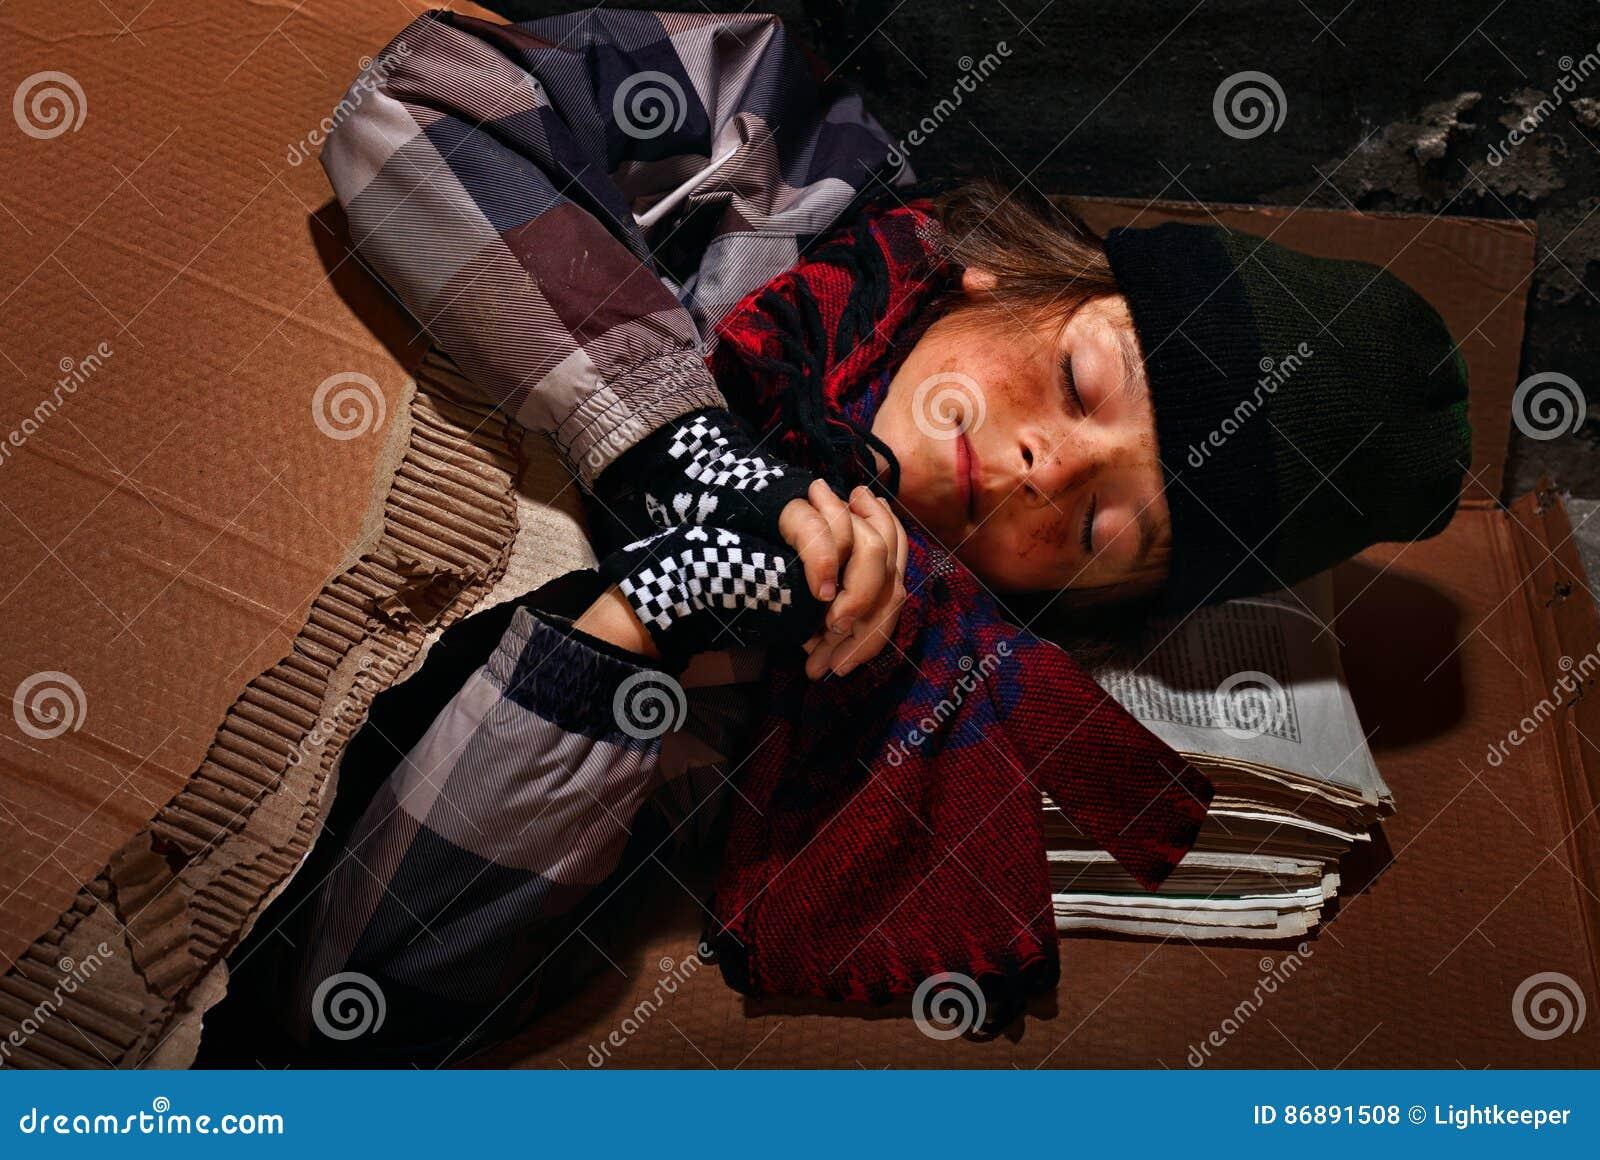 Ragazzo povero del mendicante che prepara dormire sulla via - coperta